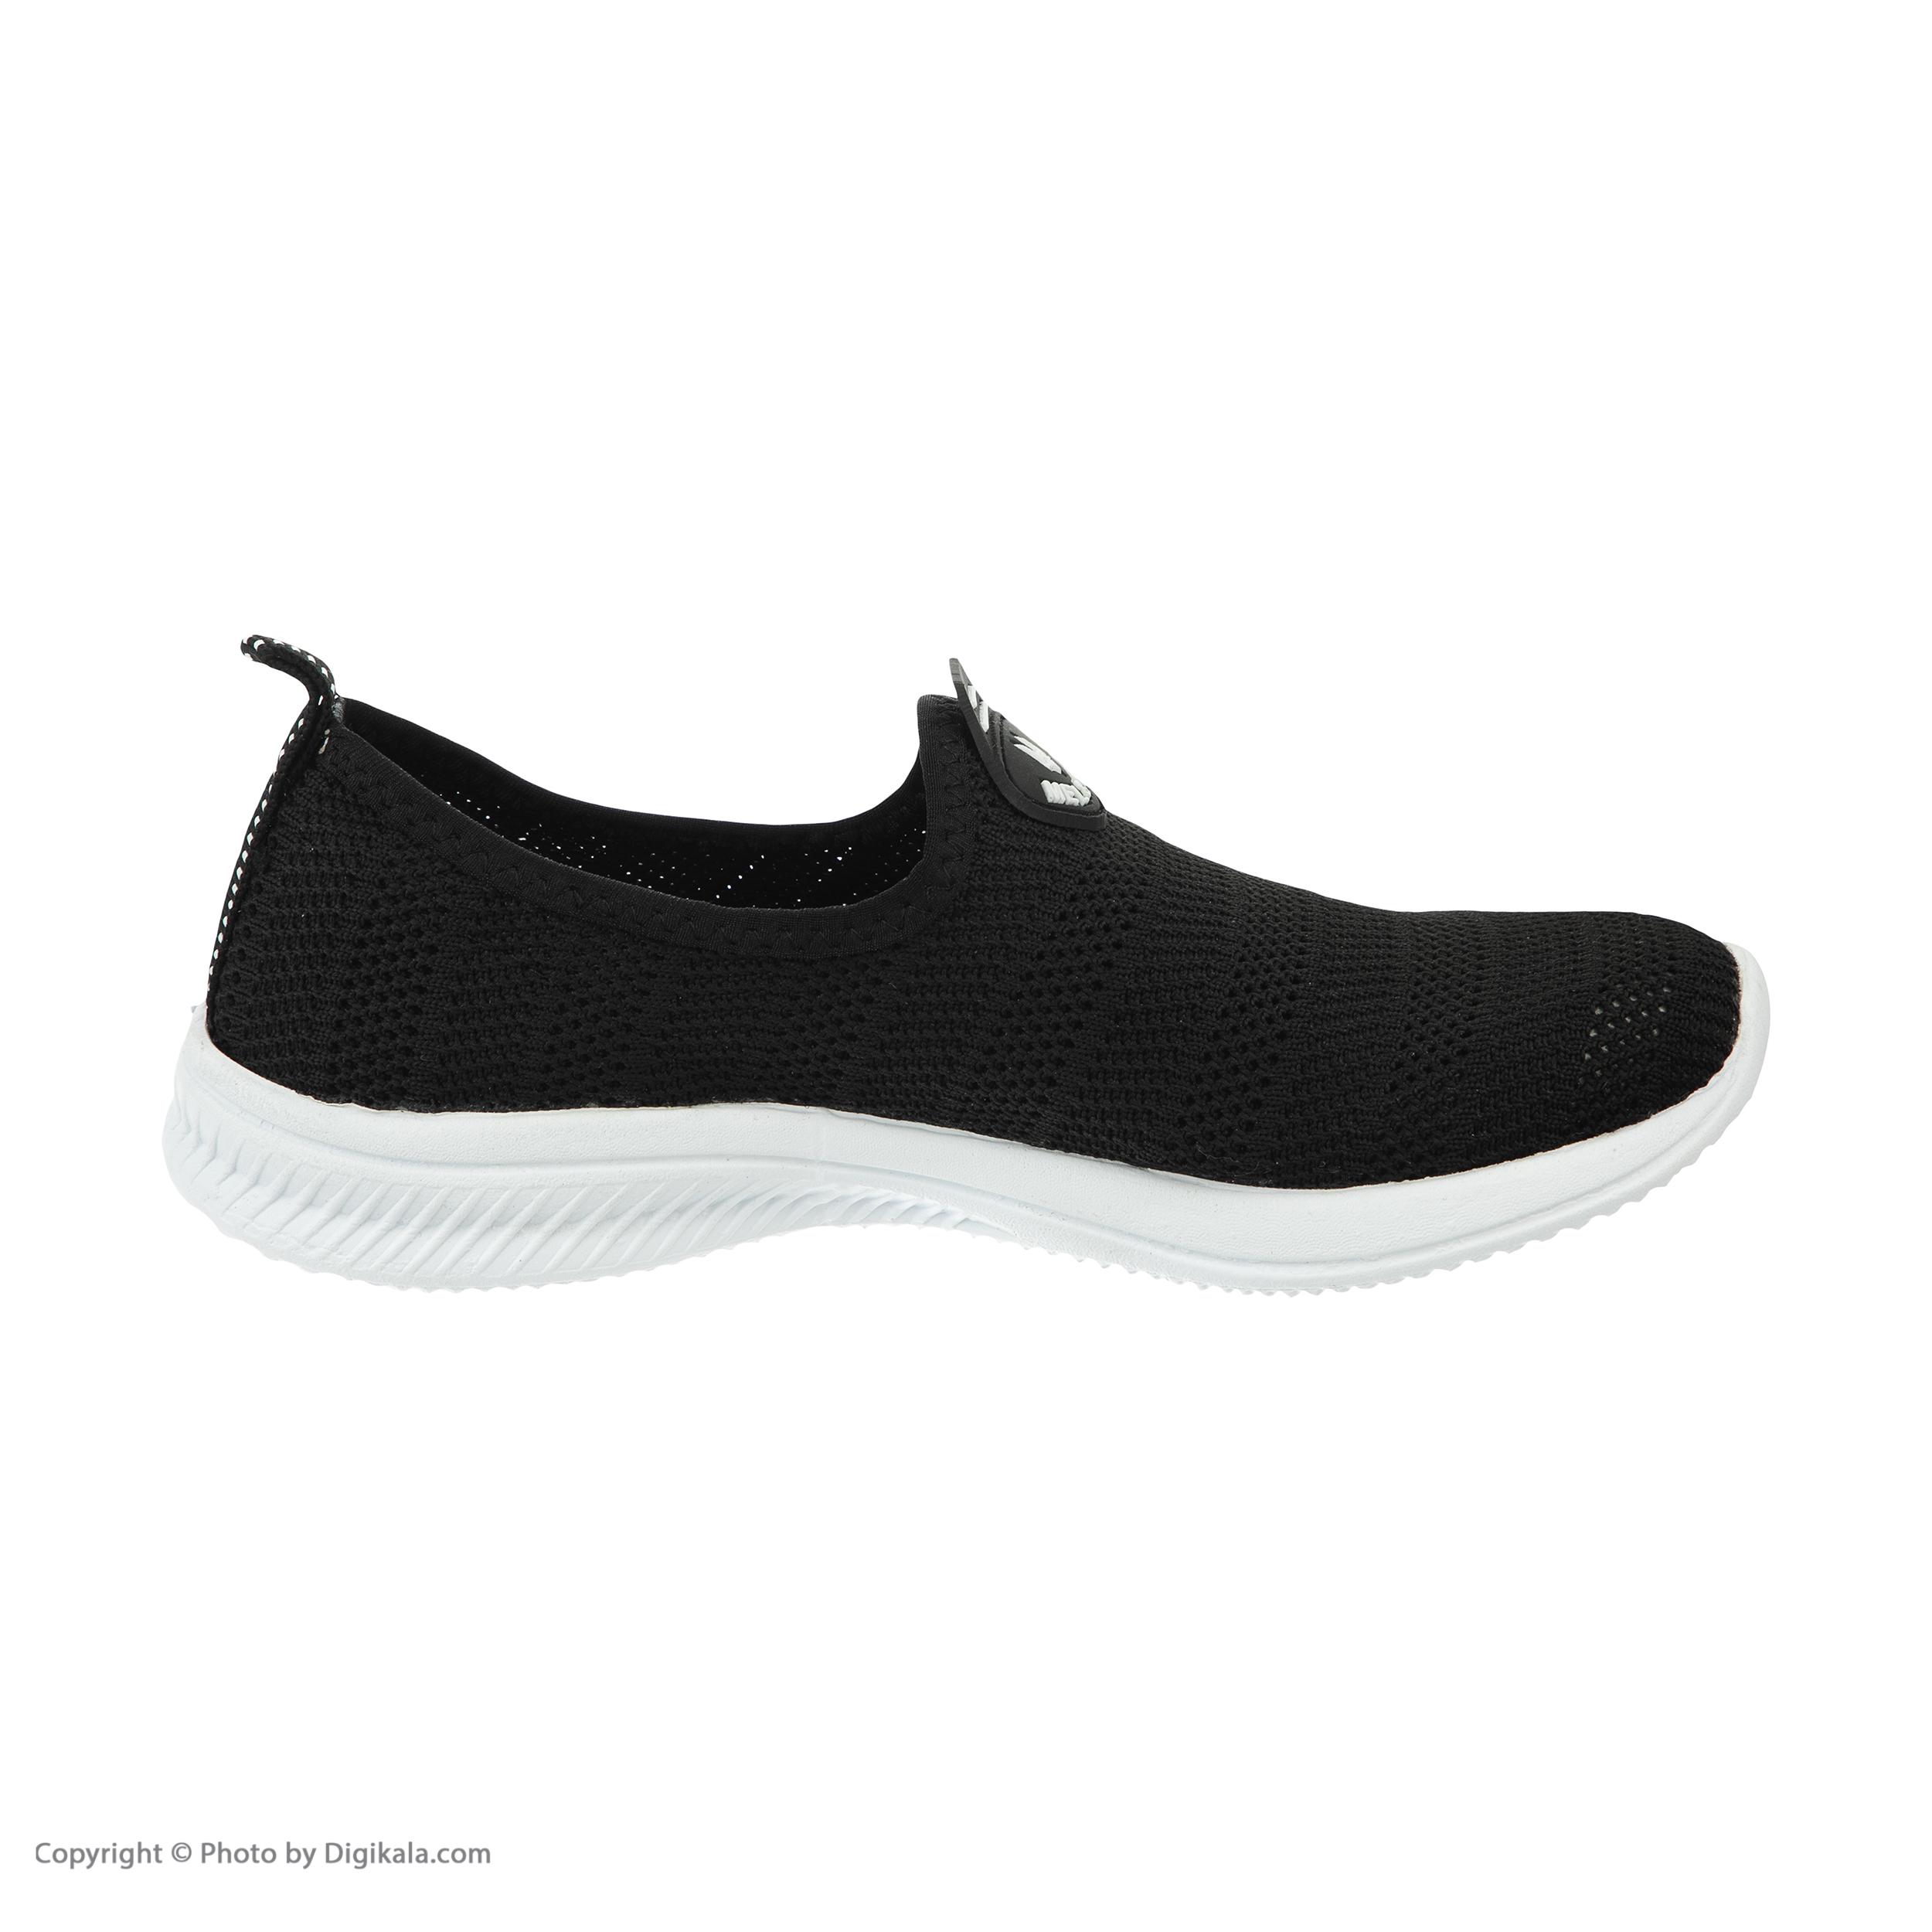 کفش مخصوص پیاده روی زنانه مل اند موژ کد W1100-1-2